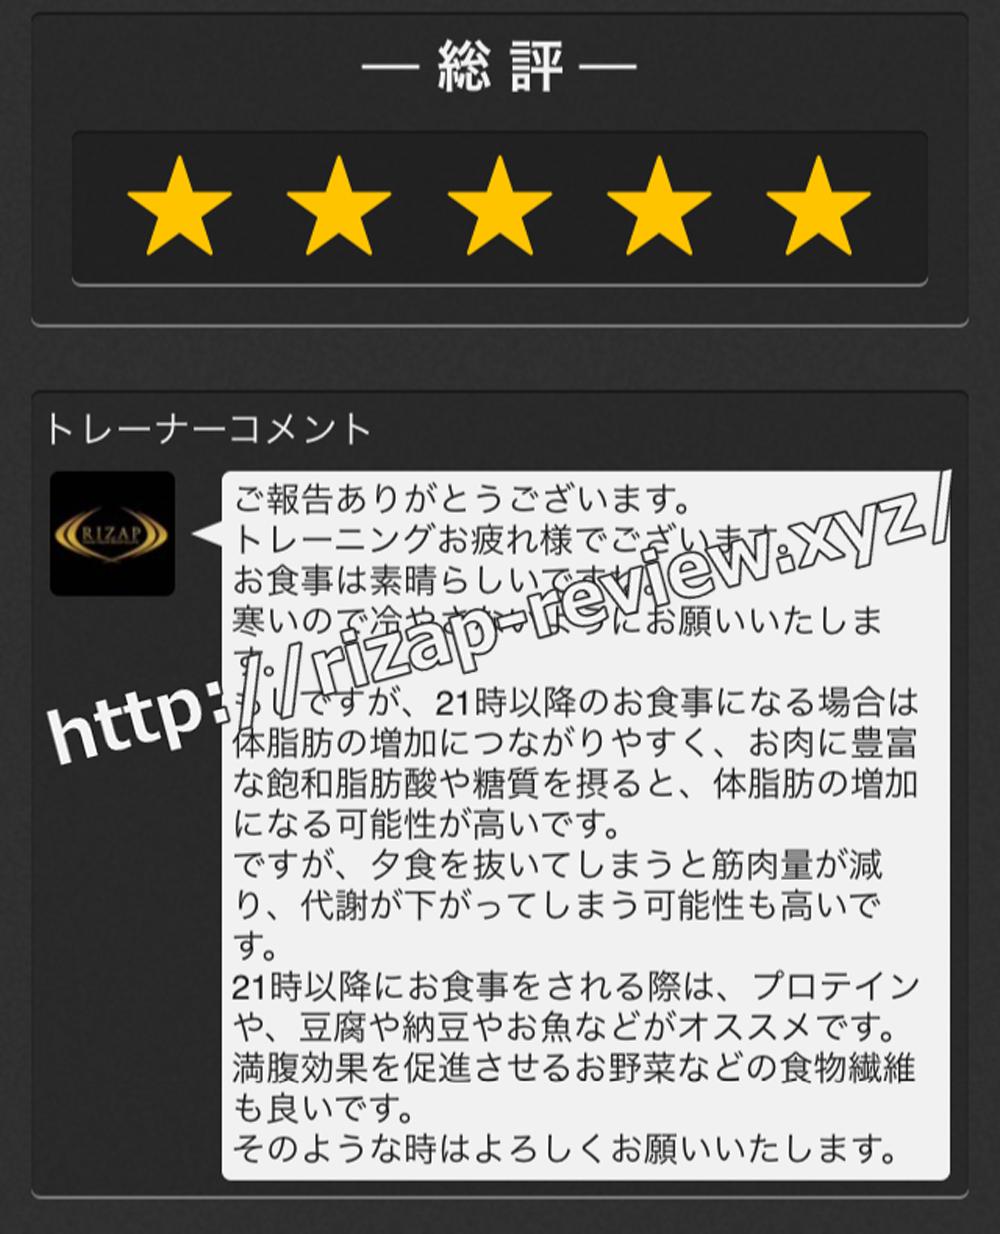 2018.9.21(金)ライザップ担当トレーナーからの総評・コメント